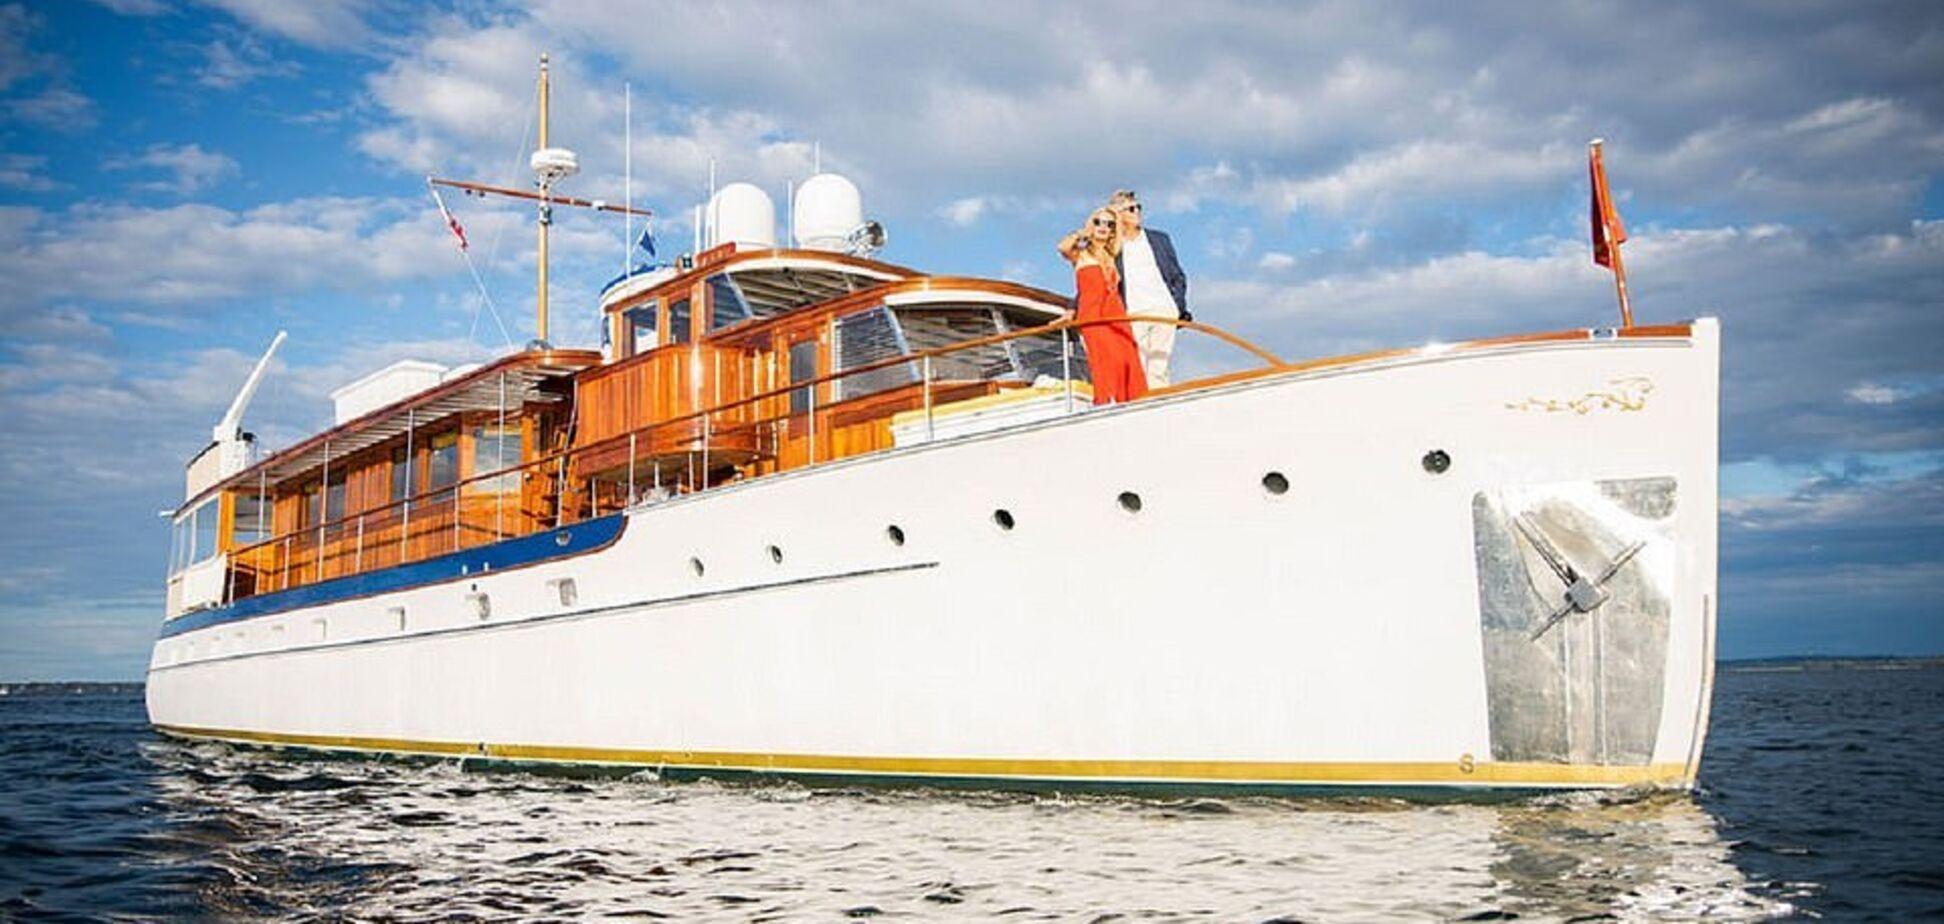 'Сокровище морской истории' 1947 года выставили на продажу за 2 млн долларов